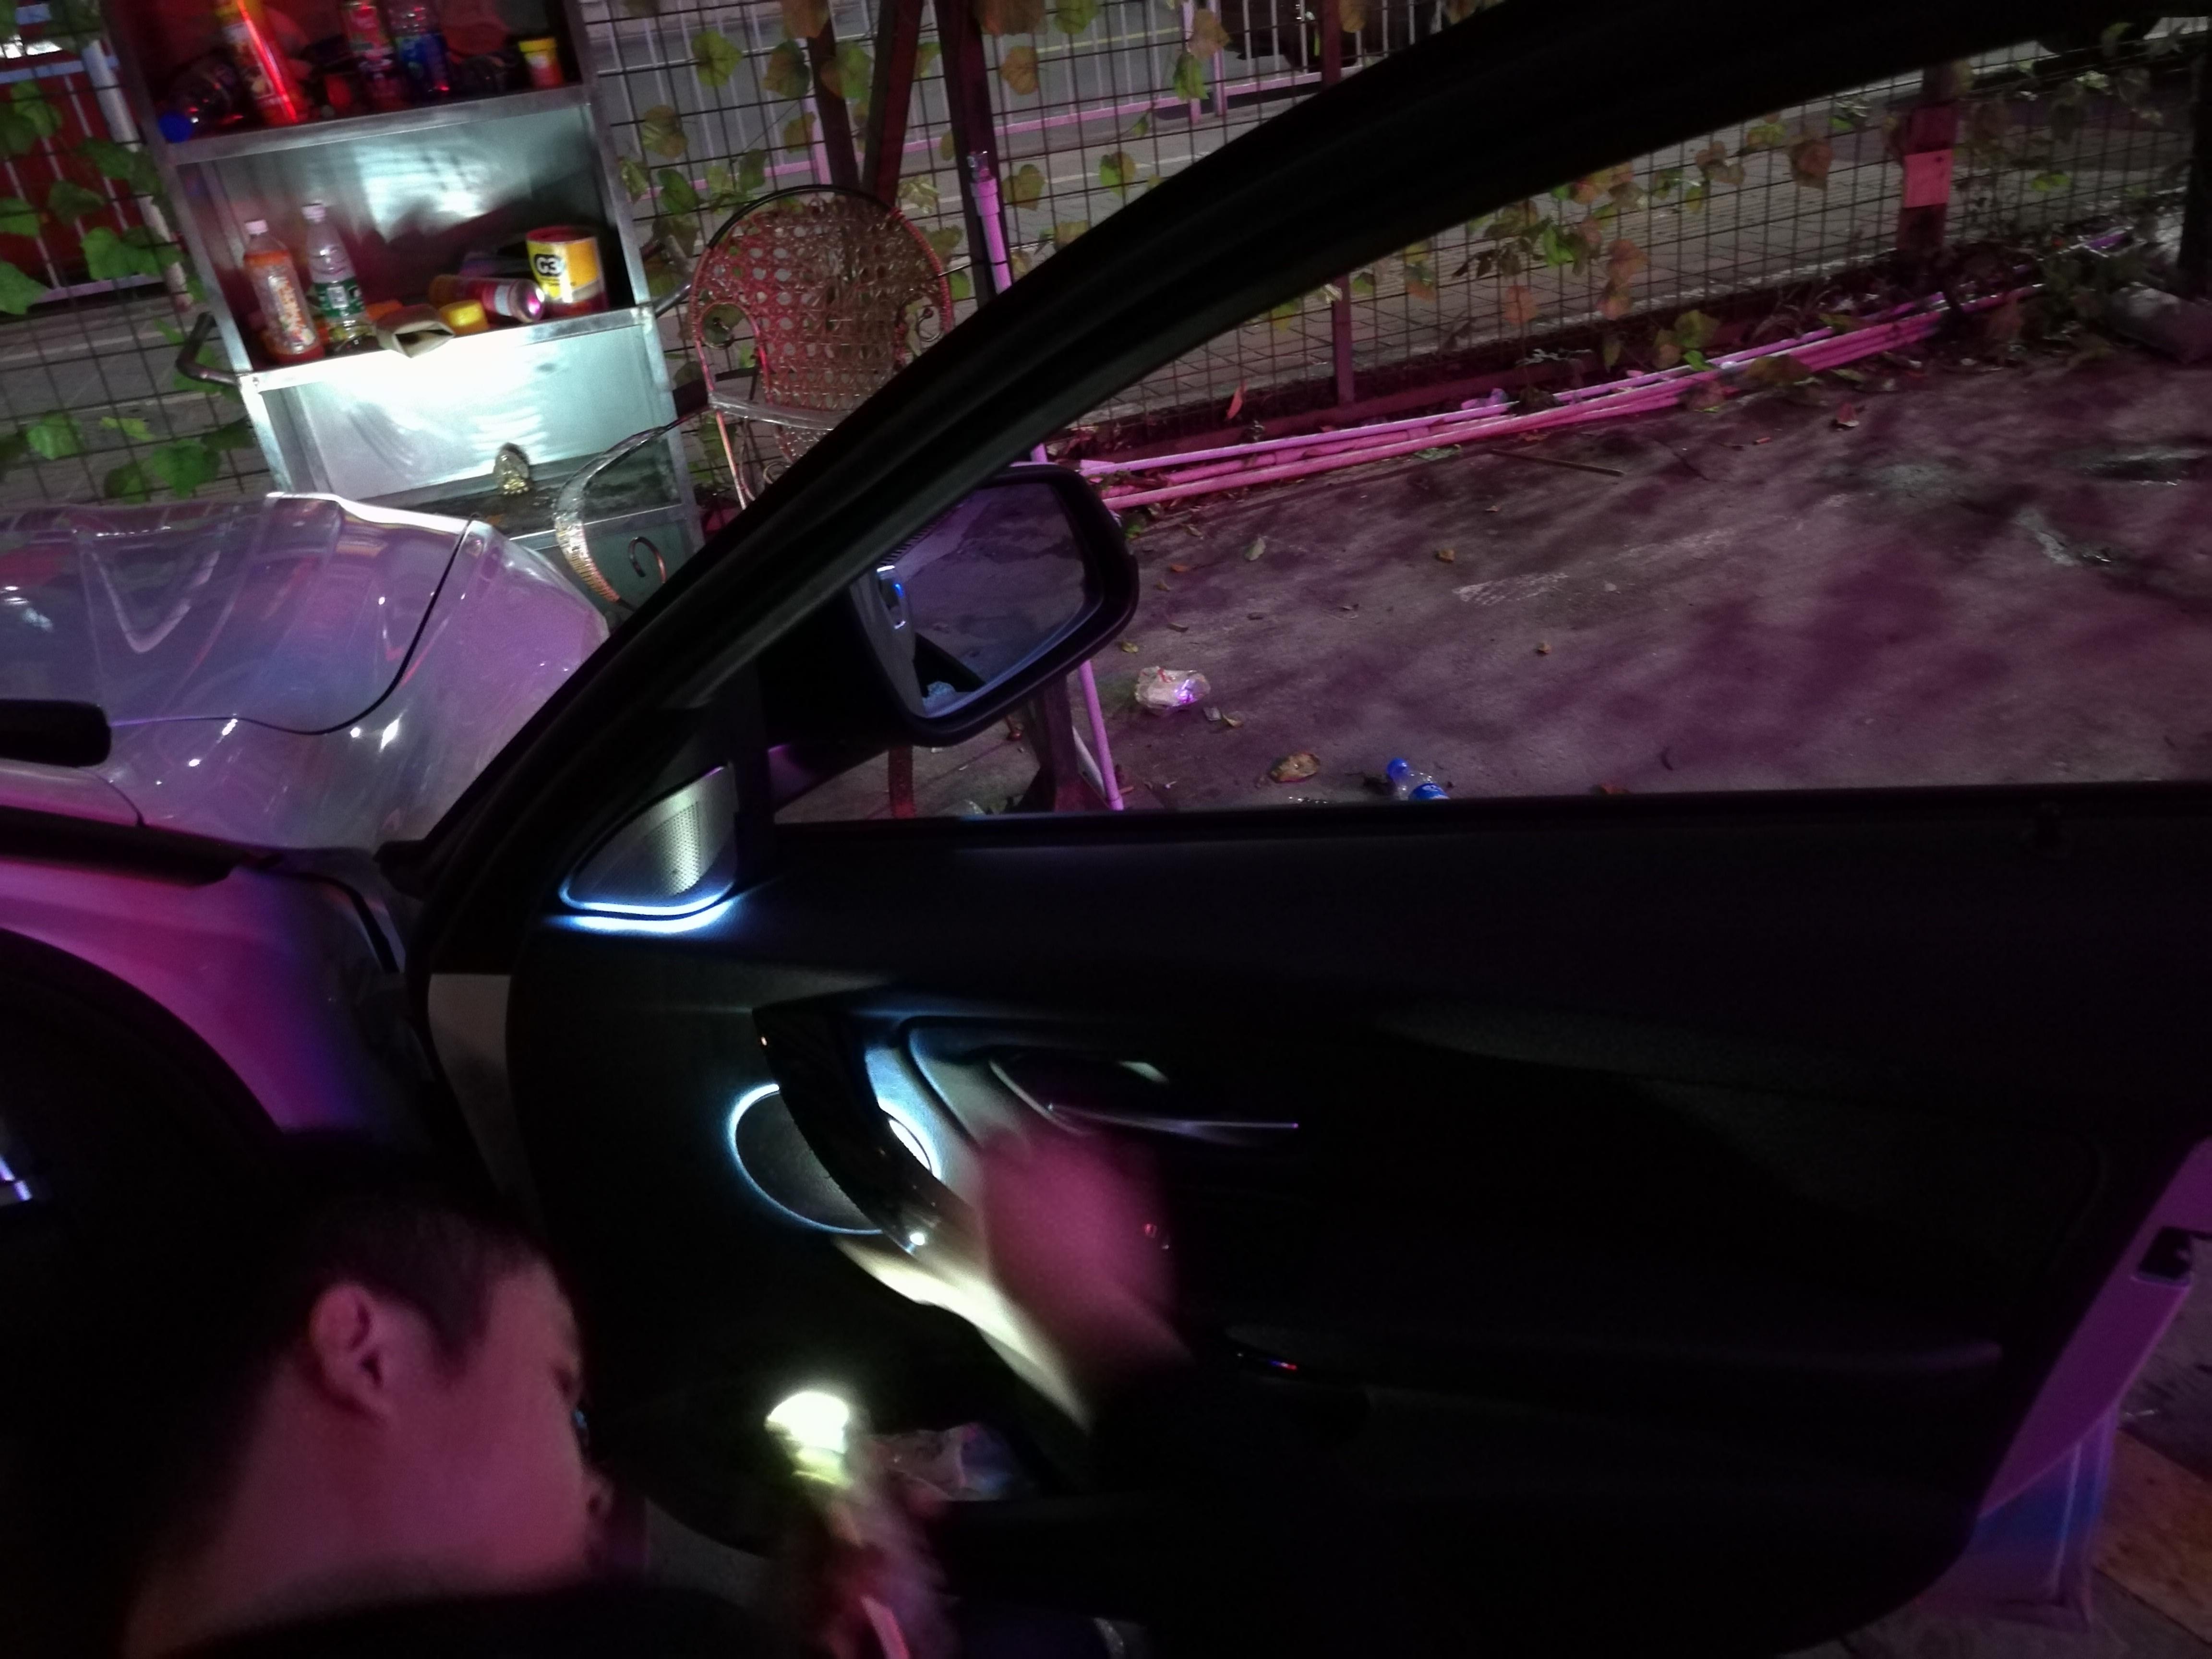 宝马3系改装柏林之声发光喇叭罩